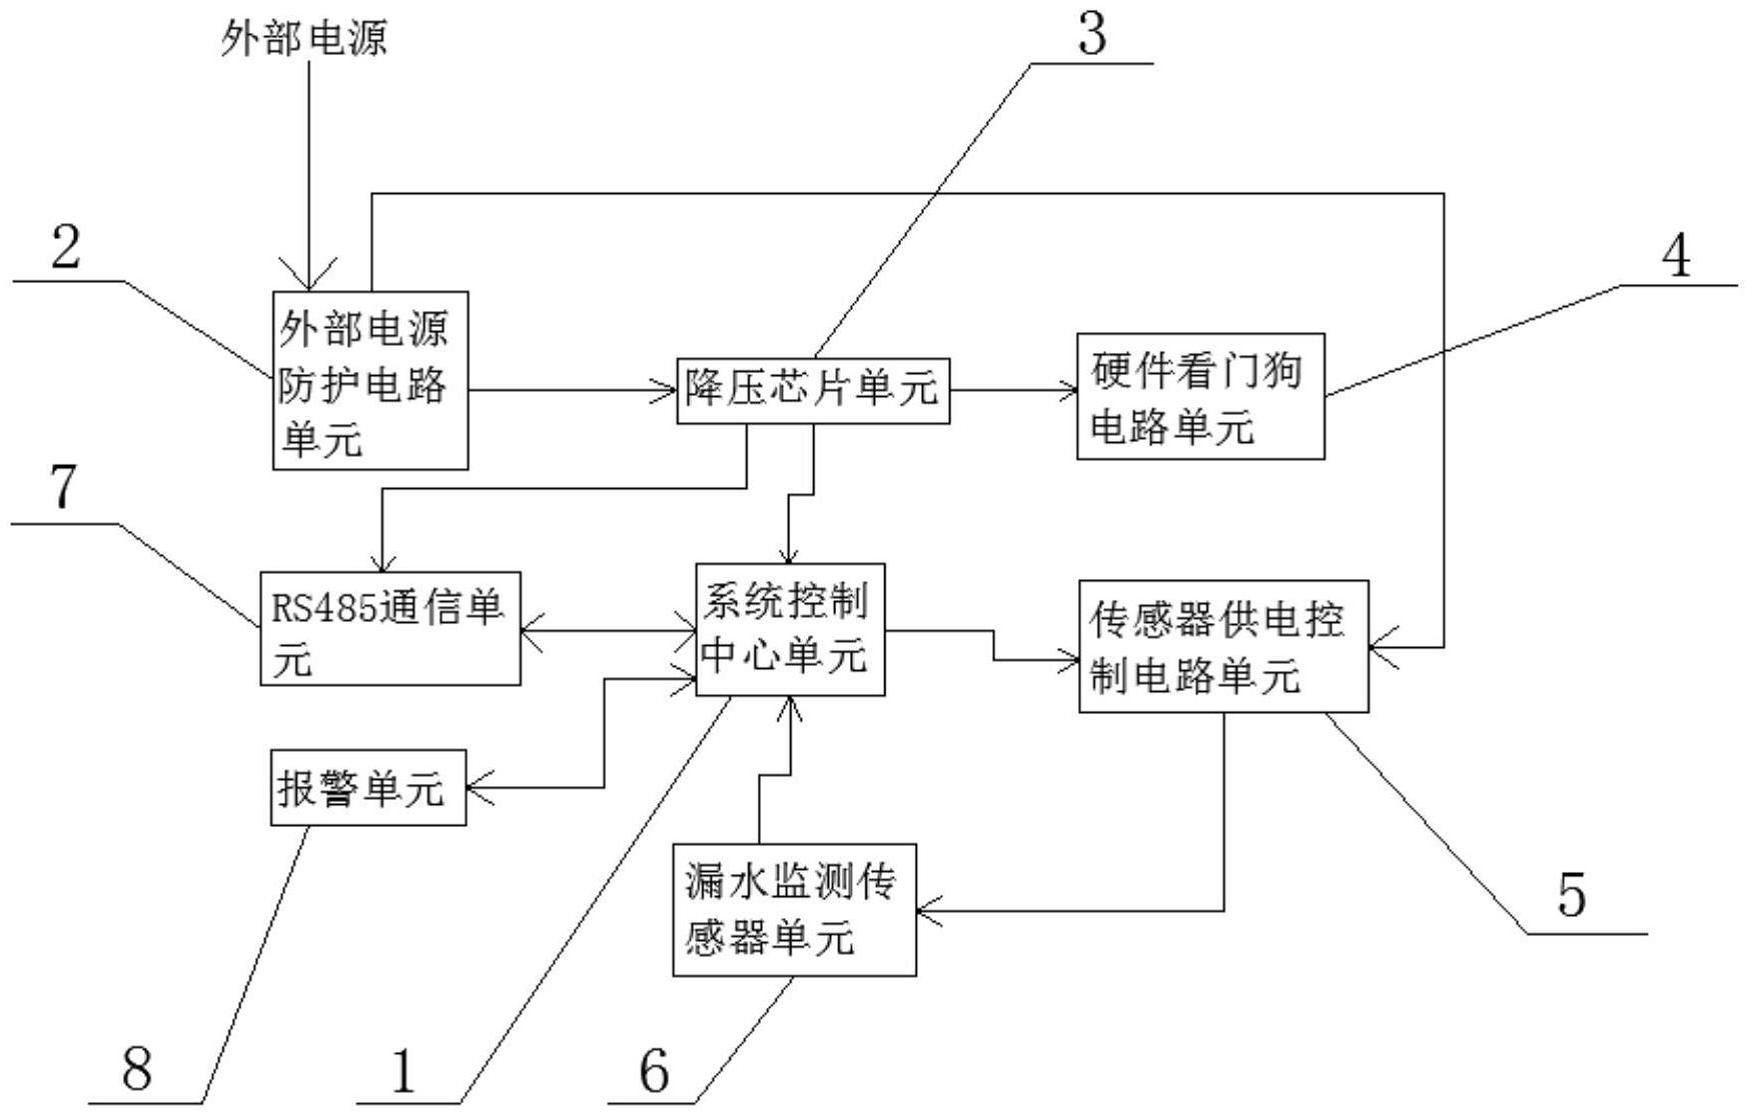 【北京赛车新专利】一种实时监测柱塞泵盘根泄漏的检测仪